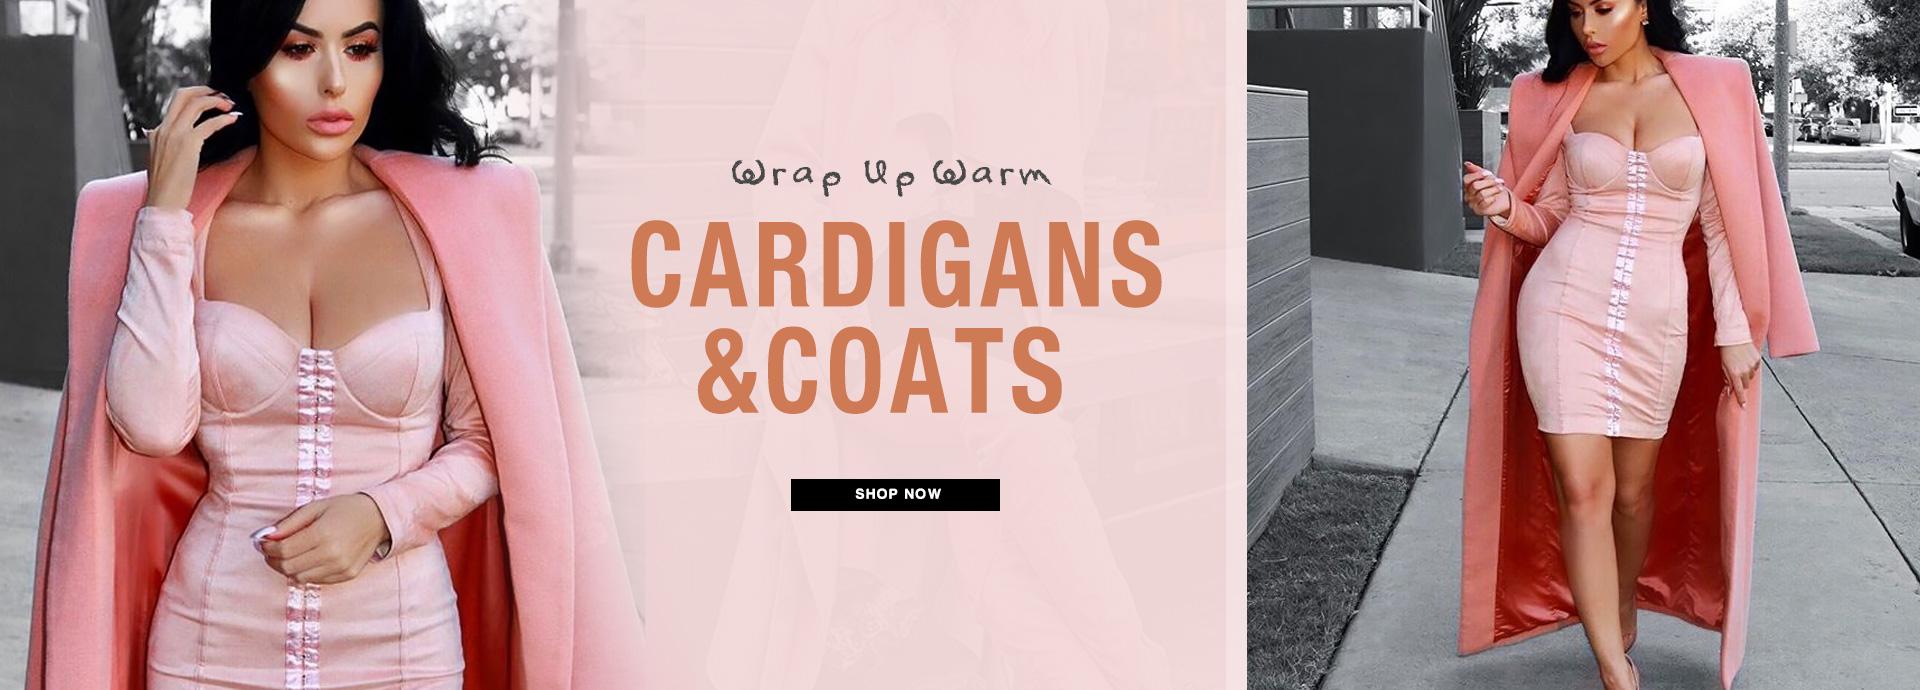 Cardigan&Coat